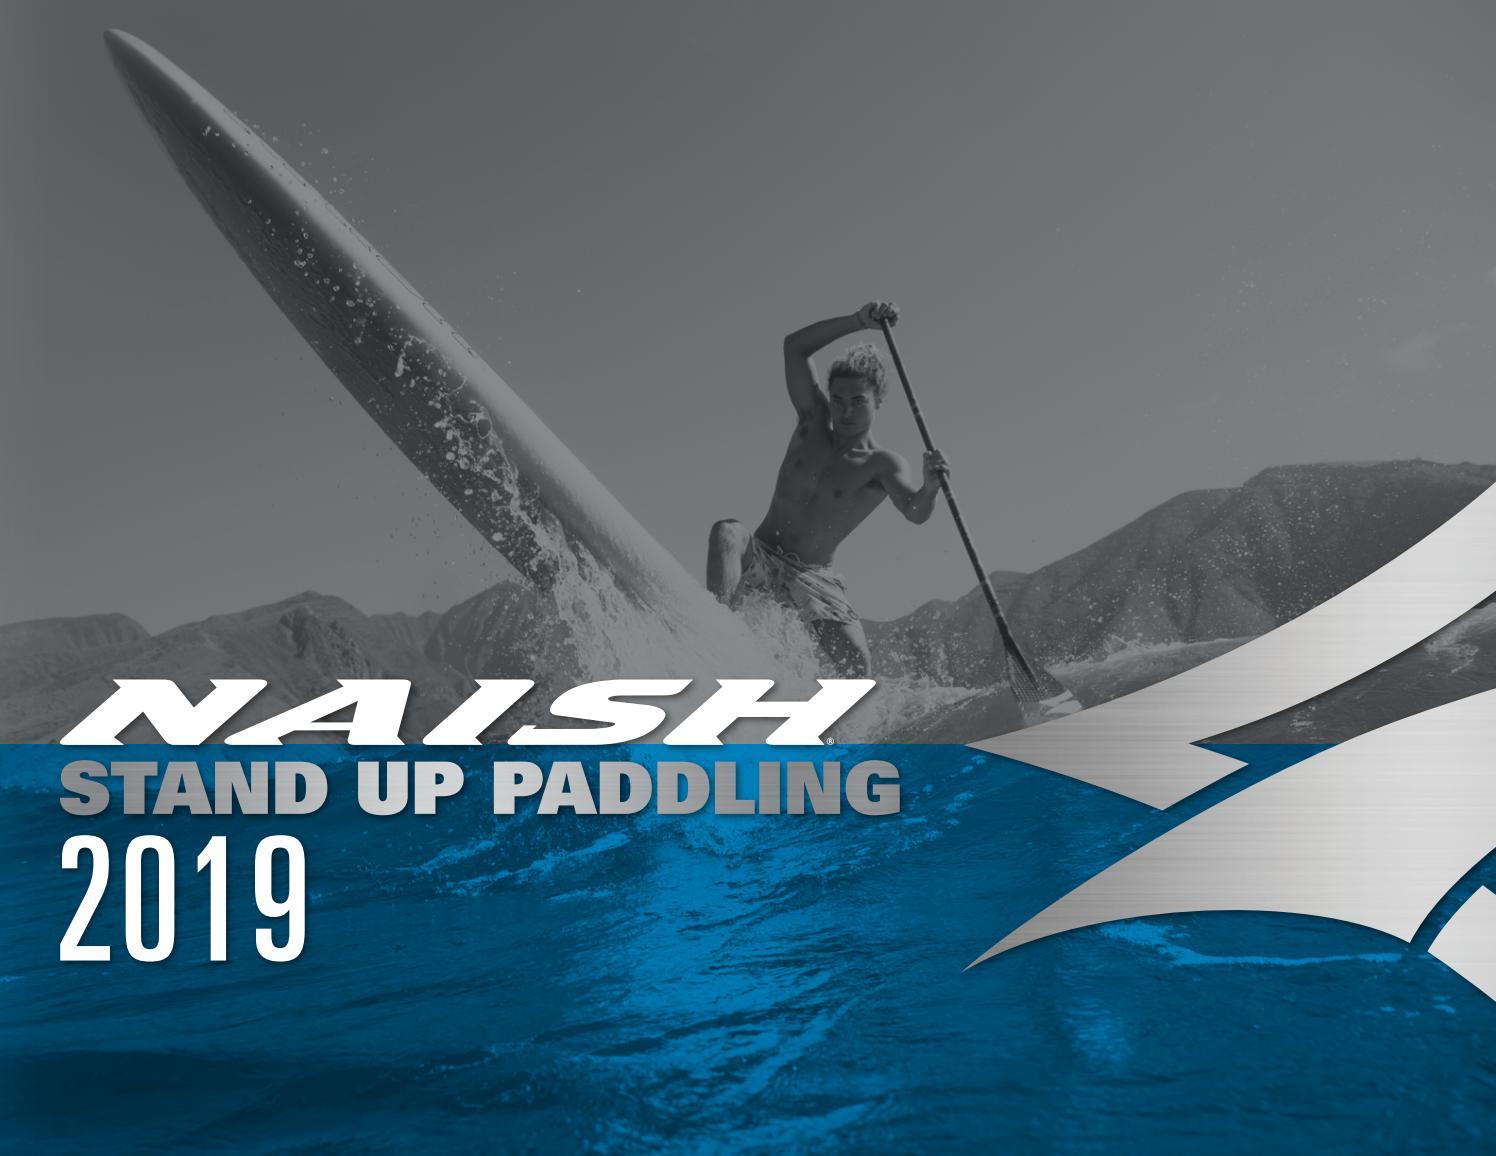 4feb149c3 Naish Stand Up Paddling | 2019 Dealer Book by Naish International ...